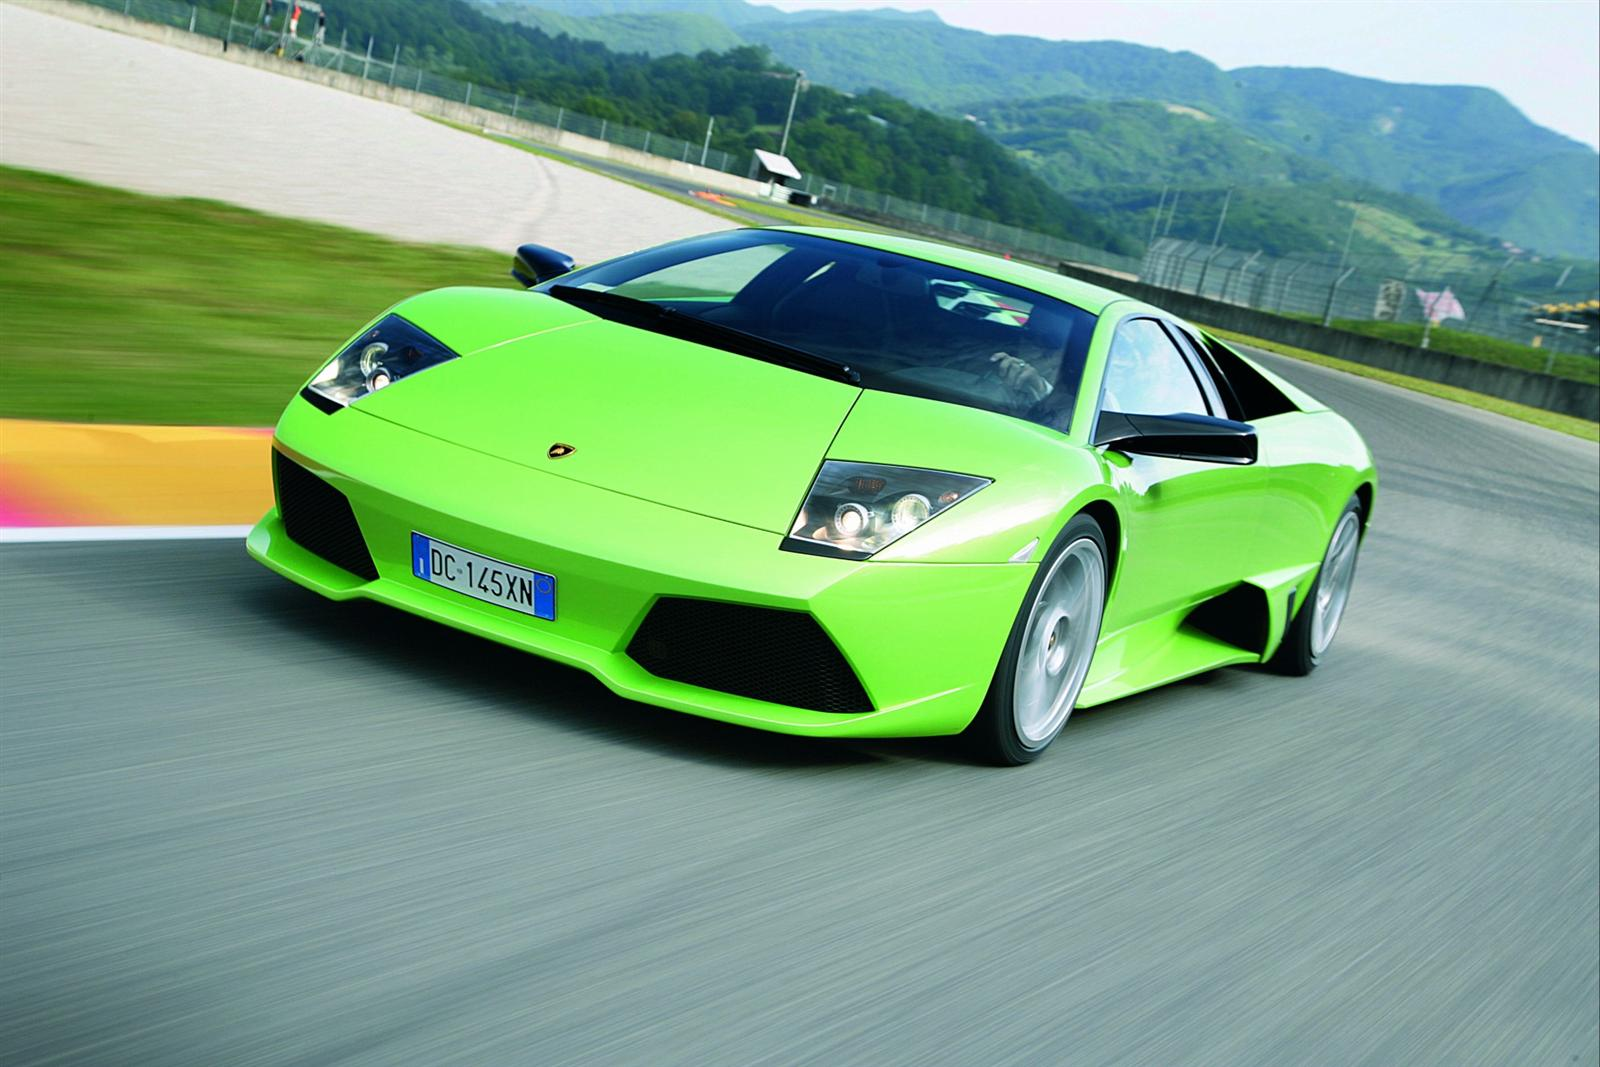 2010-Lamborghini-Murcielago-LP640